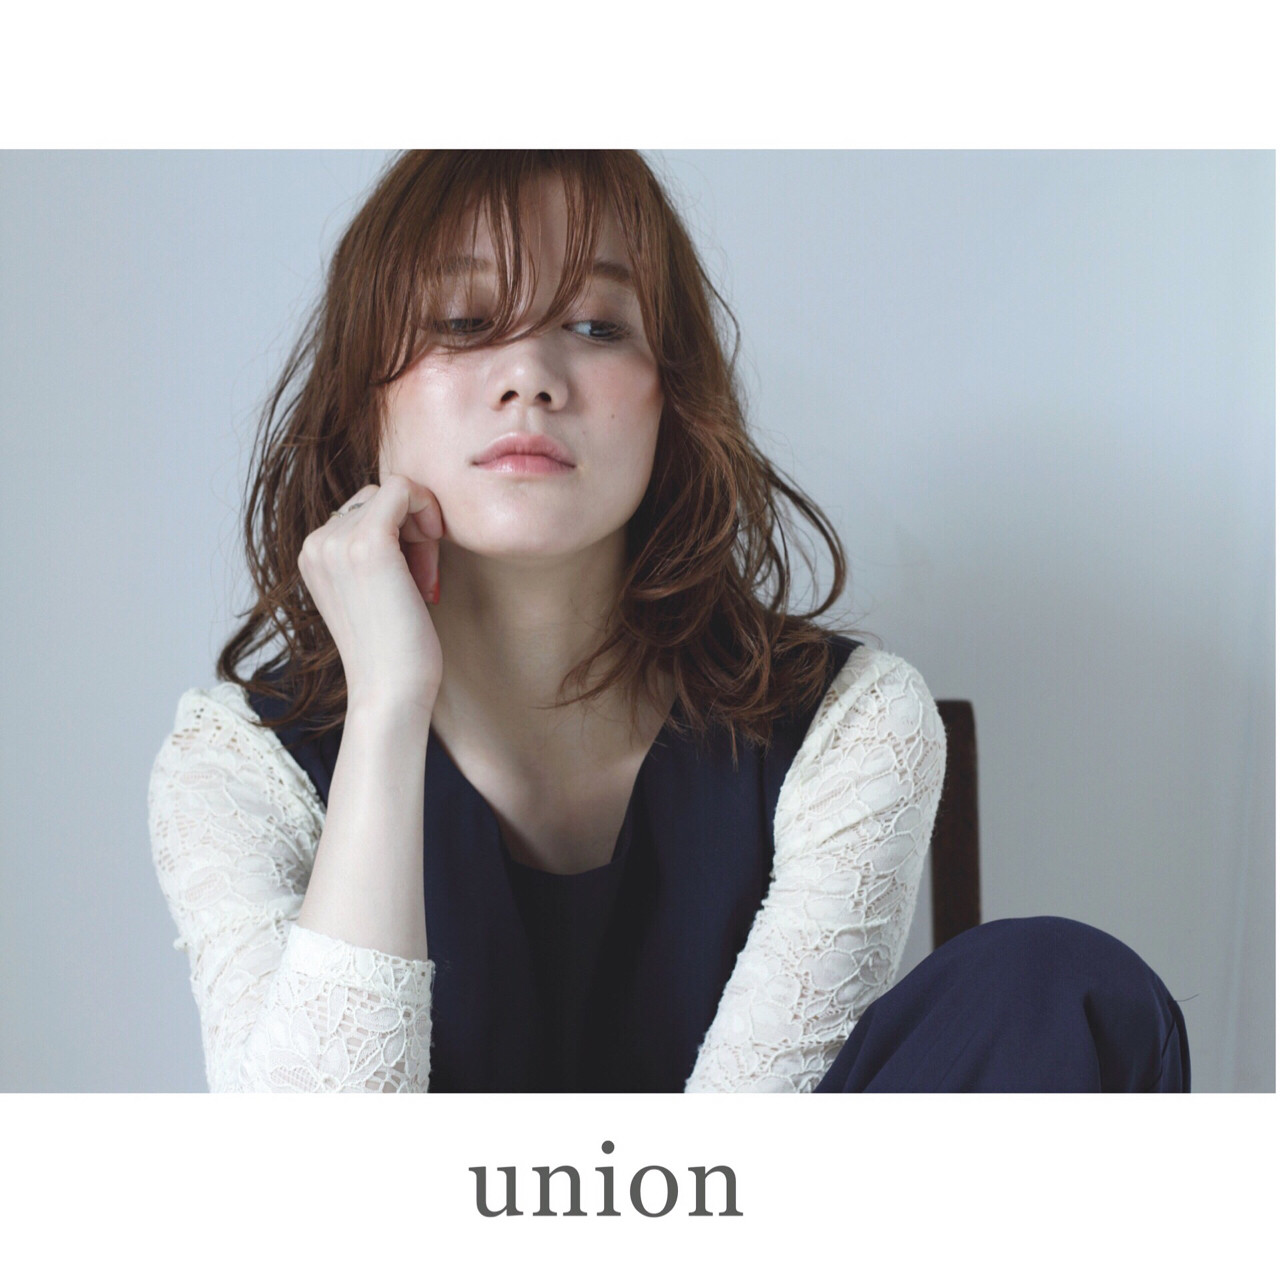 アッシュ 外国人風 ミディアム ゆるふわ ヘアスタイルや髪型の写真・画像   UNION 坂下 創 / UNION